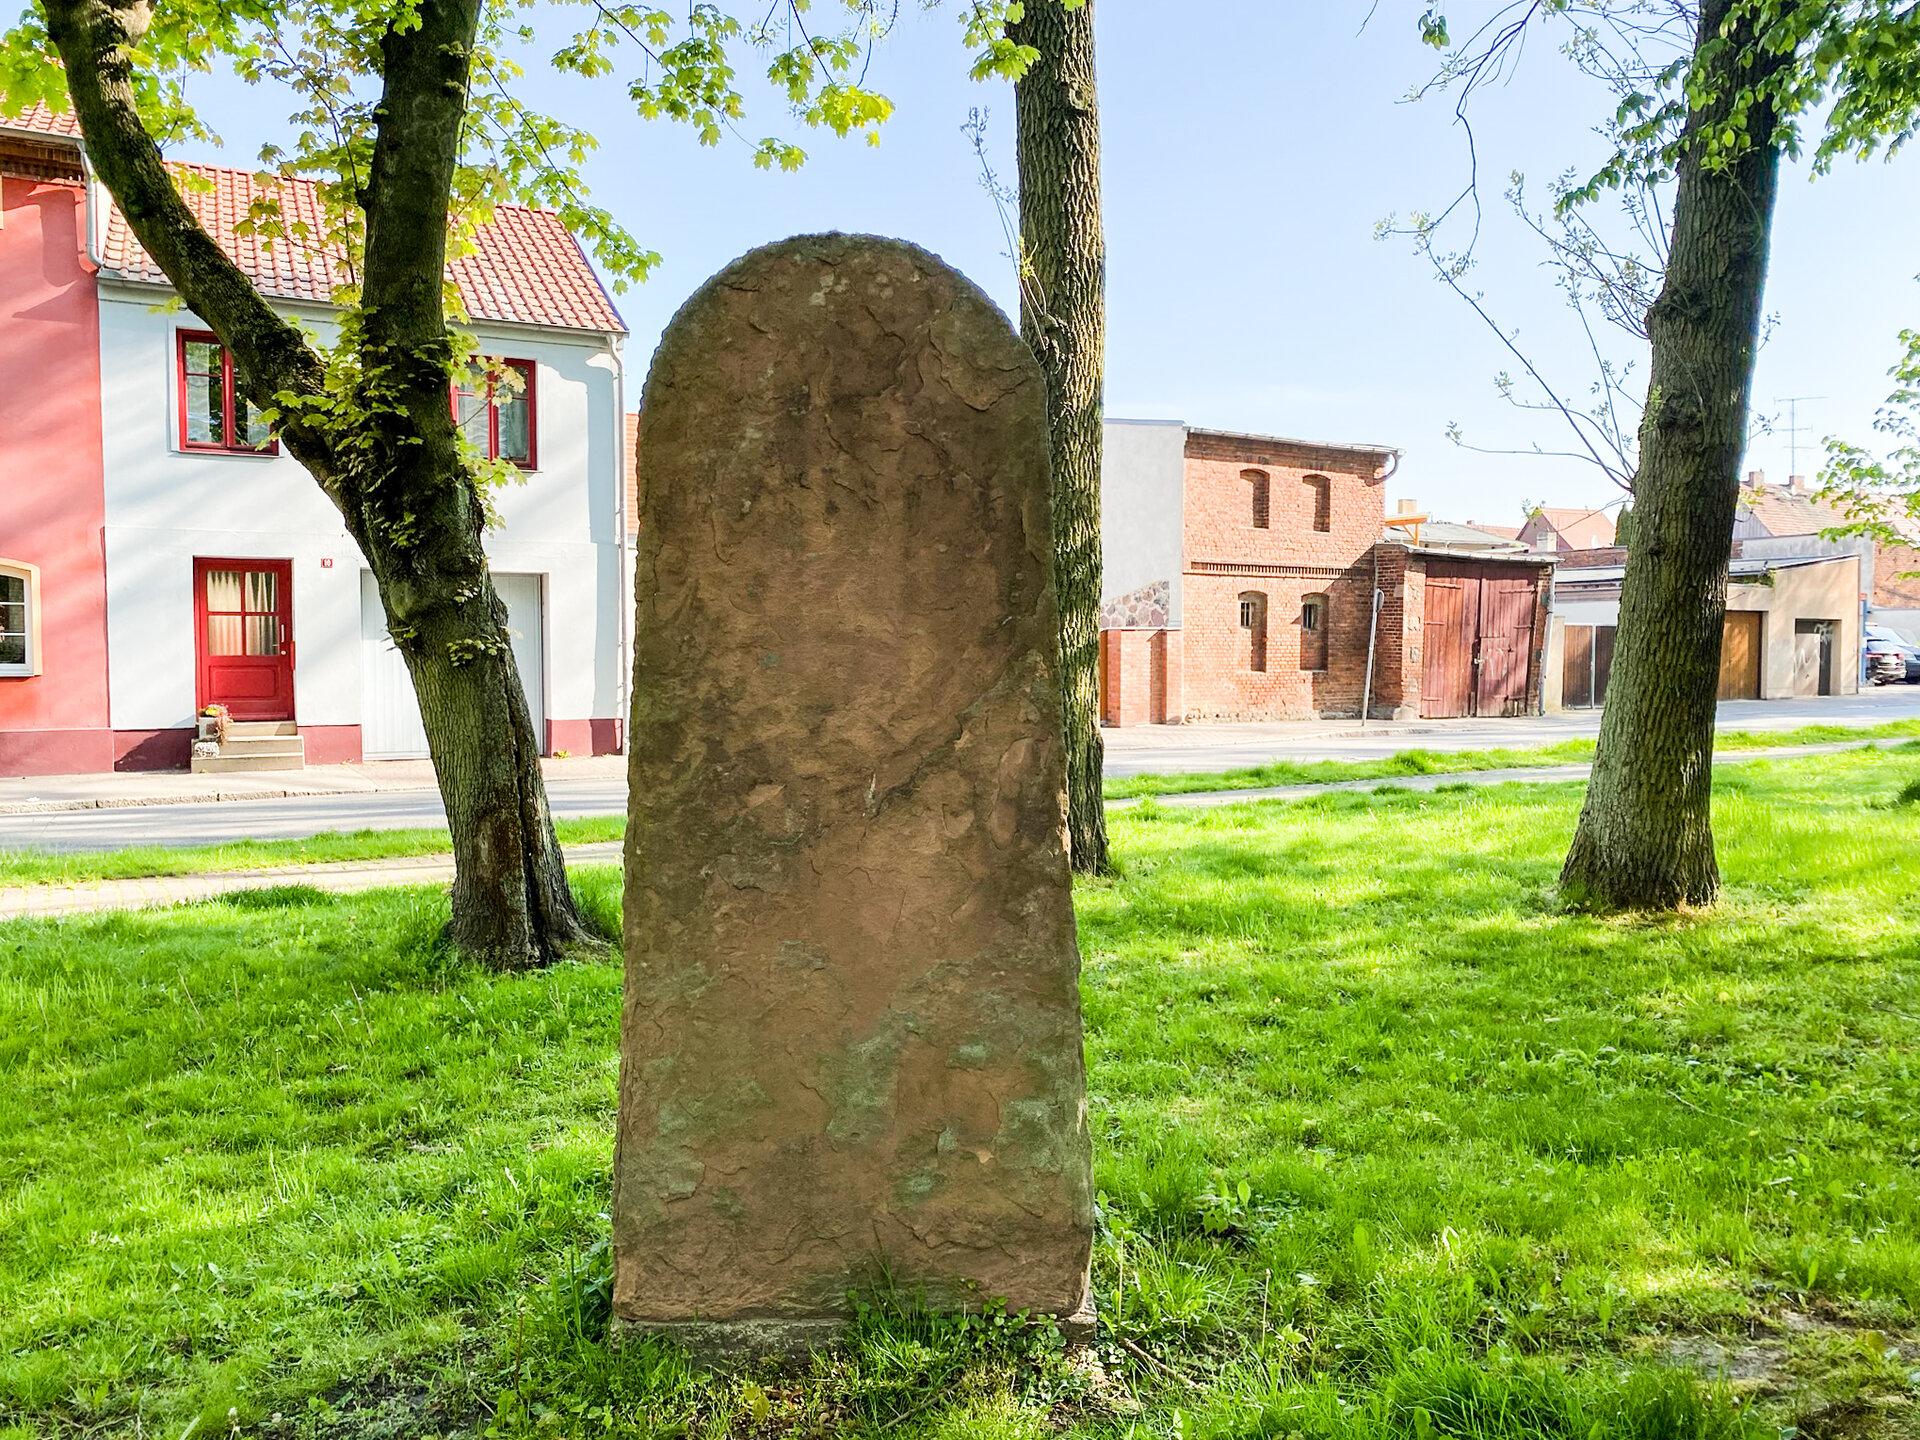 Park am Postplatz: Denkmal zu Ehren von Major Salbach, eines der Architekten des Pritzwalker Grüngürtels